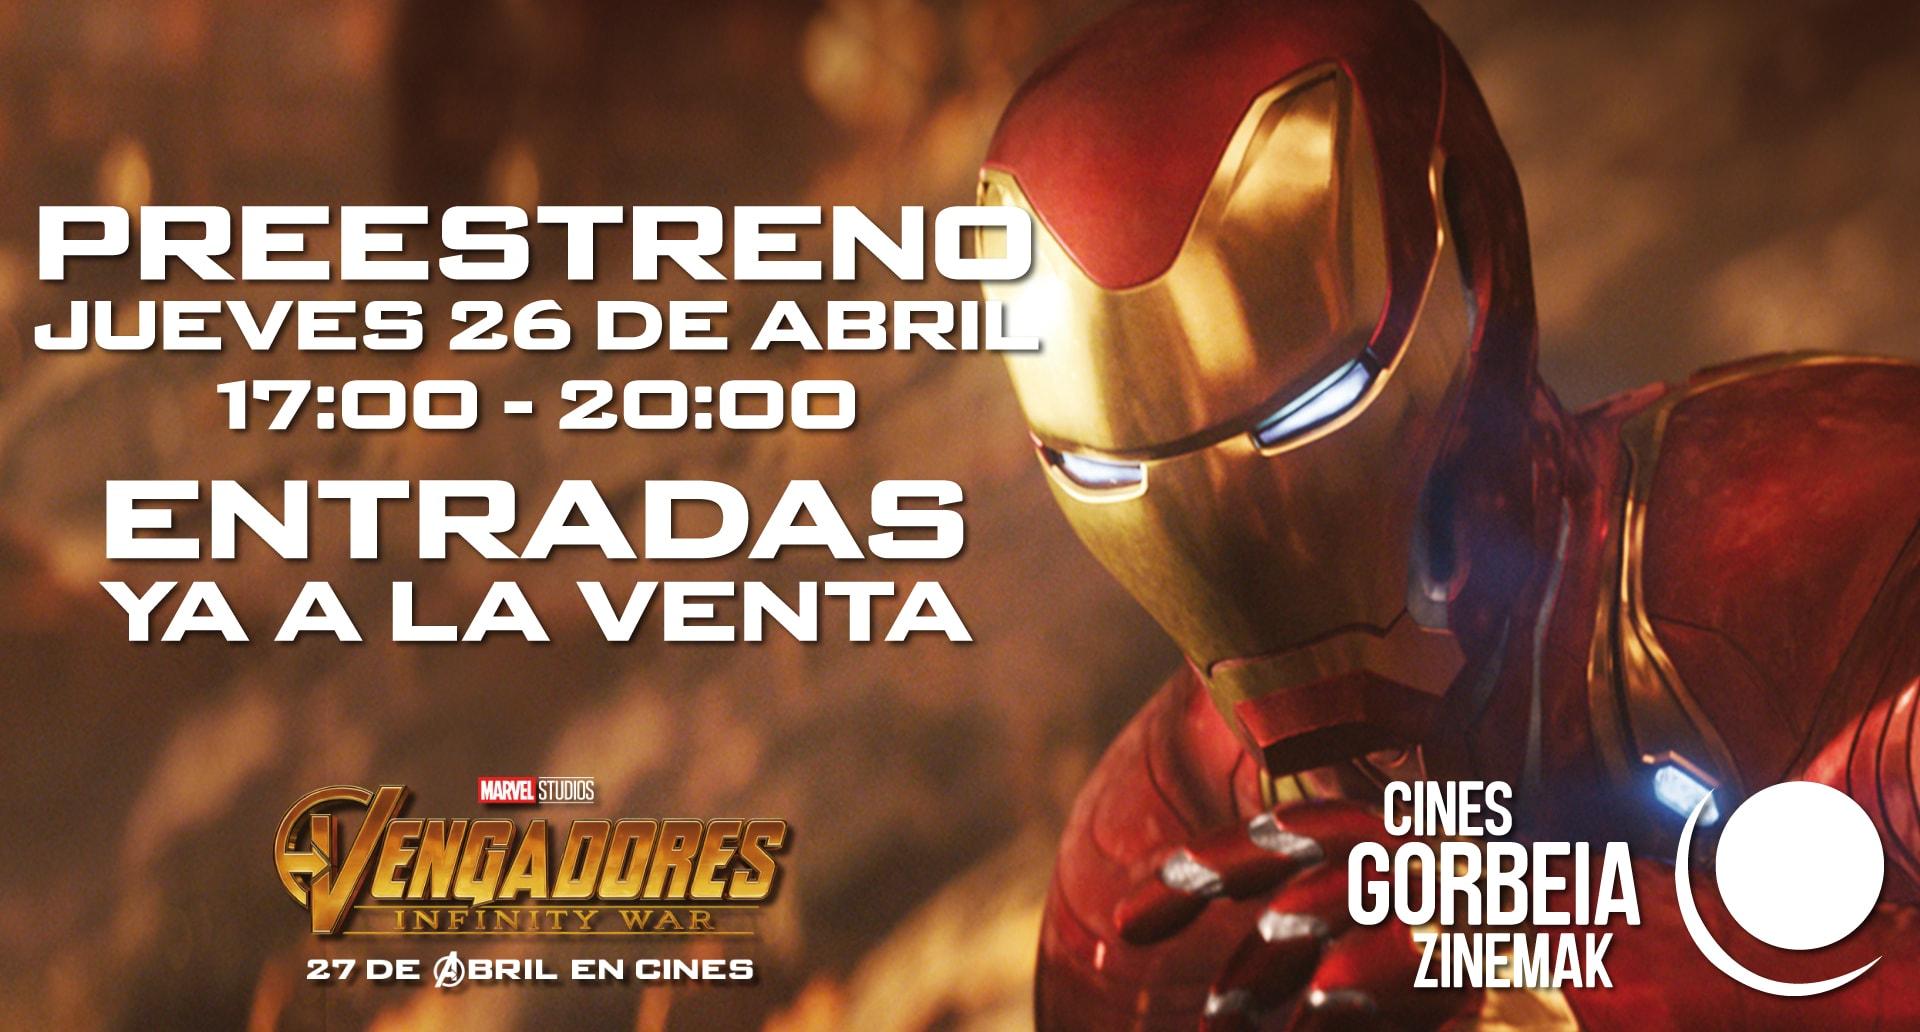 ¡Reserva ya tu entrada para el preestreno en Cines Gorbeia Zinemak!